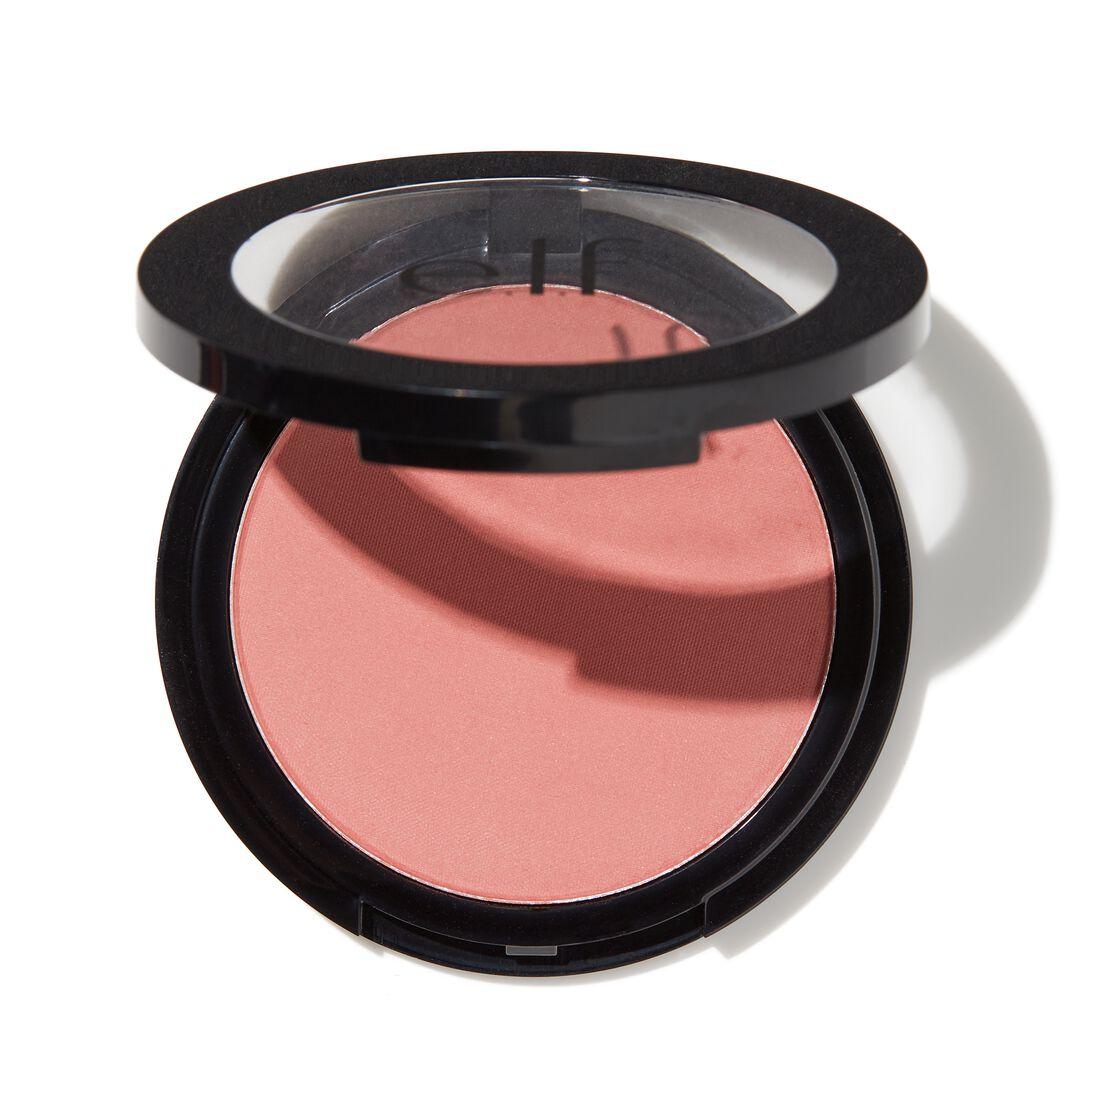 e.l.f. Cosmetics - Primer-Infused Blush